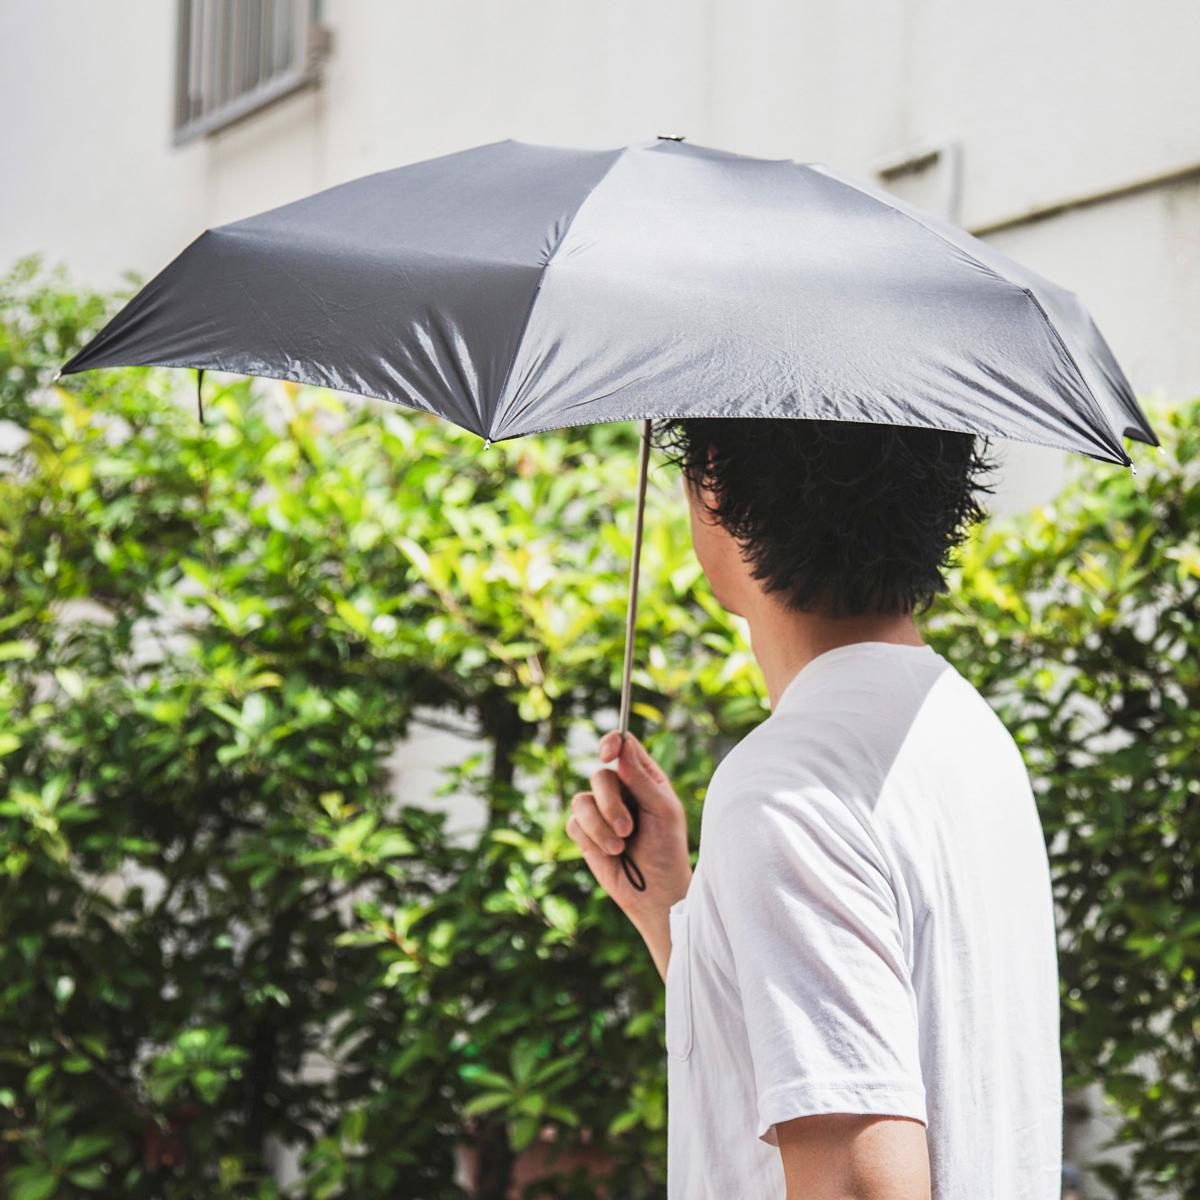 晴れの日の紫外線対策にも。軽く、強く、折れにくい、カンタン収納設計、わずか17cmの世界最小級折りたたみ傘「マイクロ傘」|スギタ